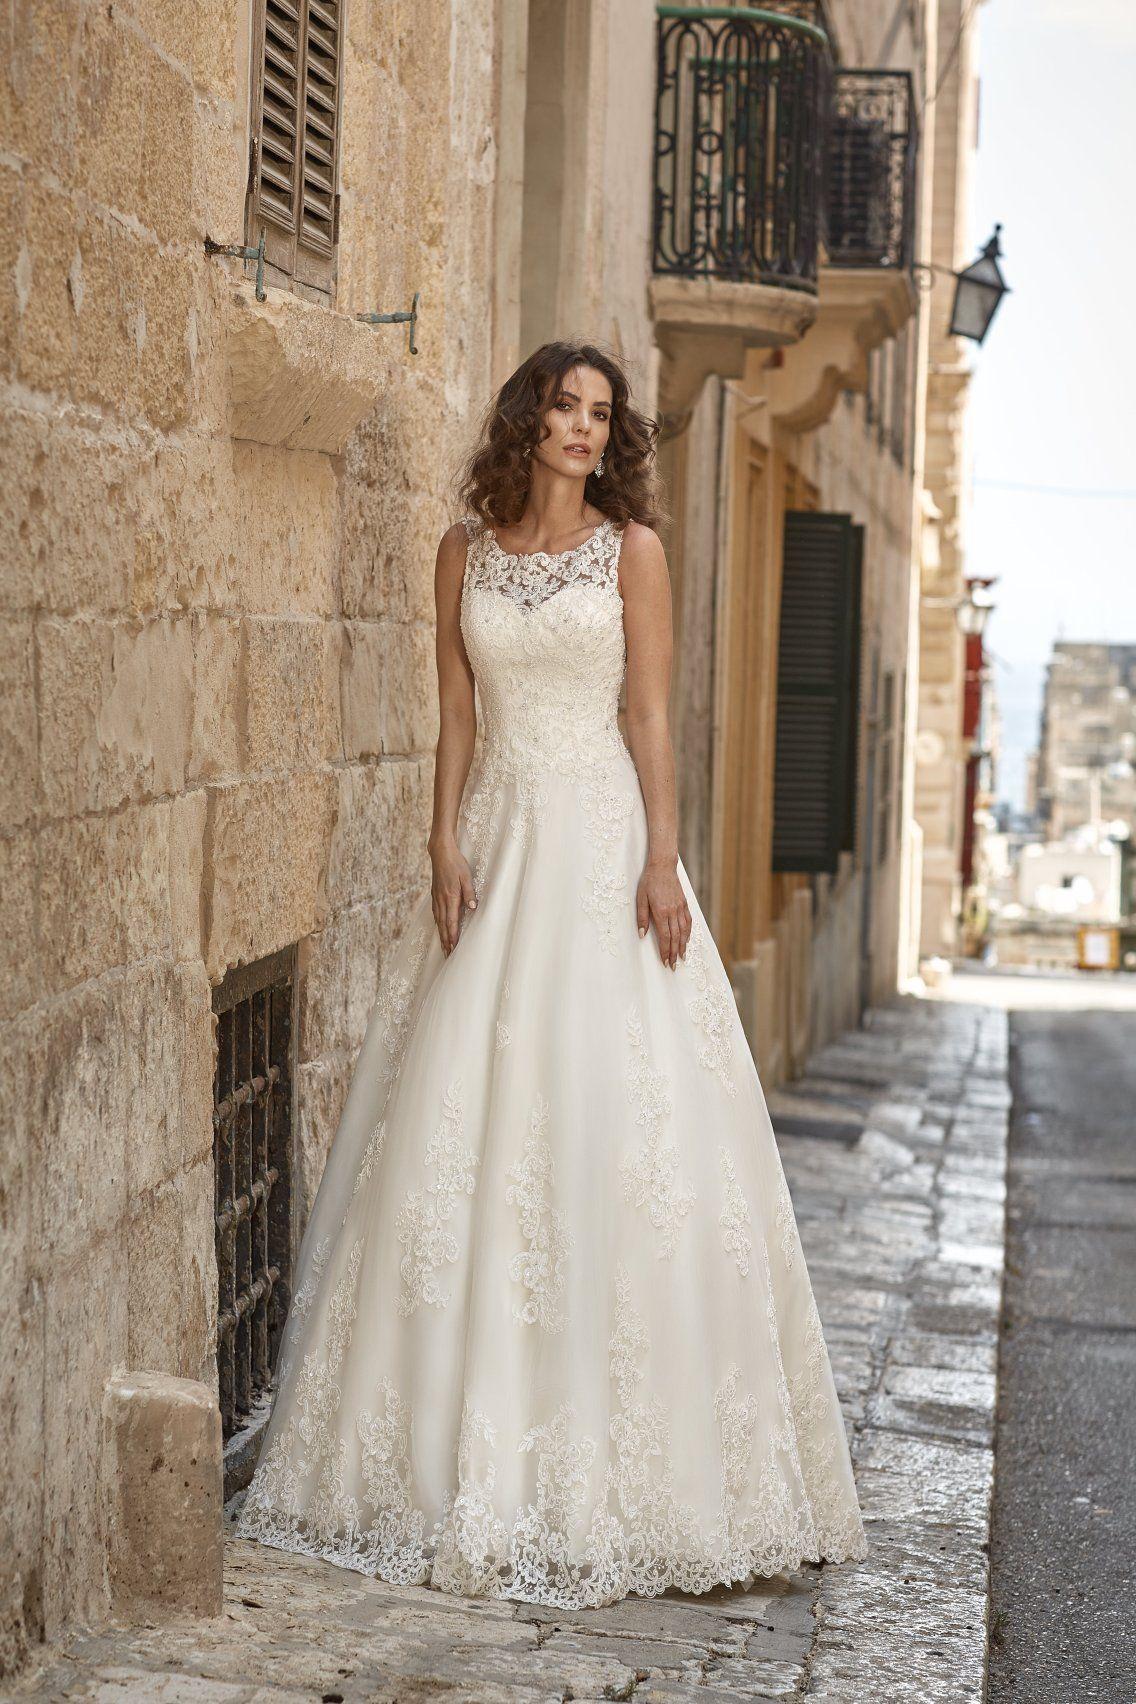 Minda Celebrity Wroclaw Suknie Slubne Sukienki Slubne Wedding Dresses Bridal Wedding Dresses Bridal Dresses